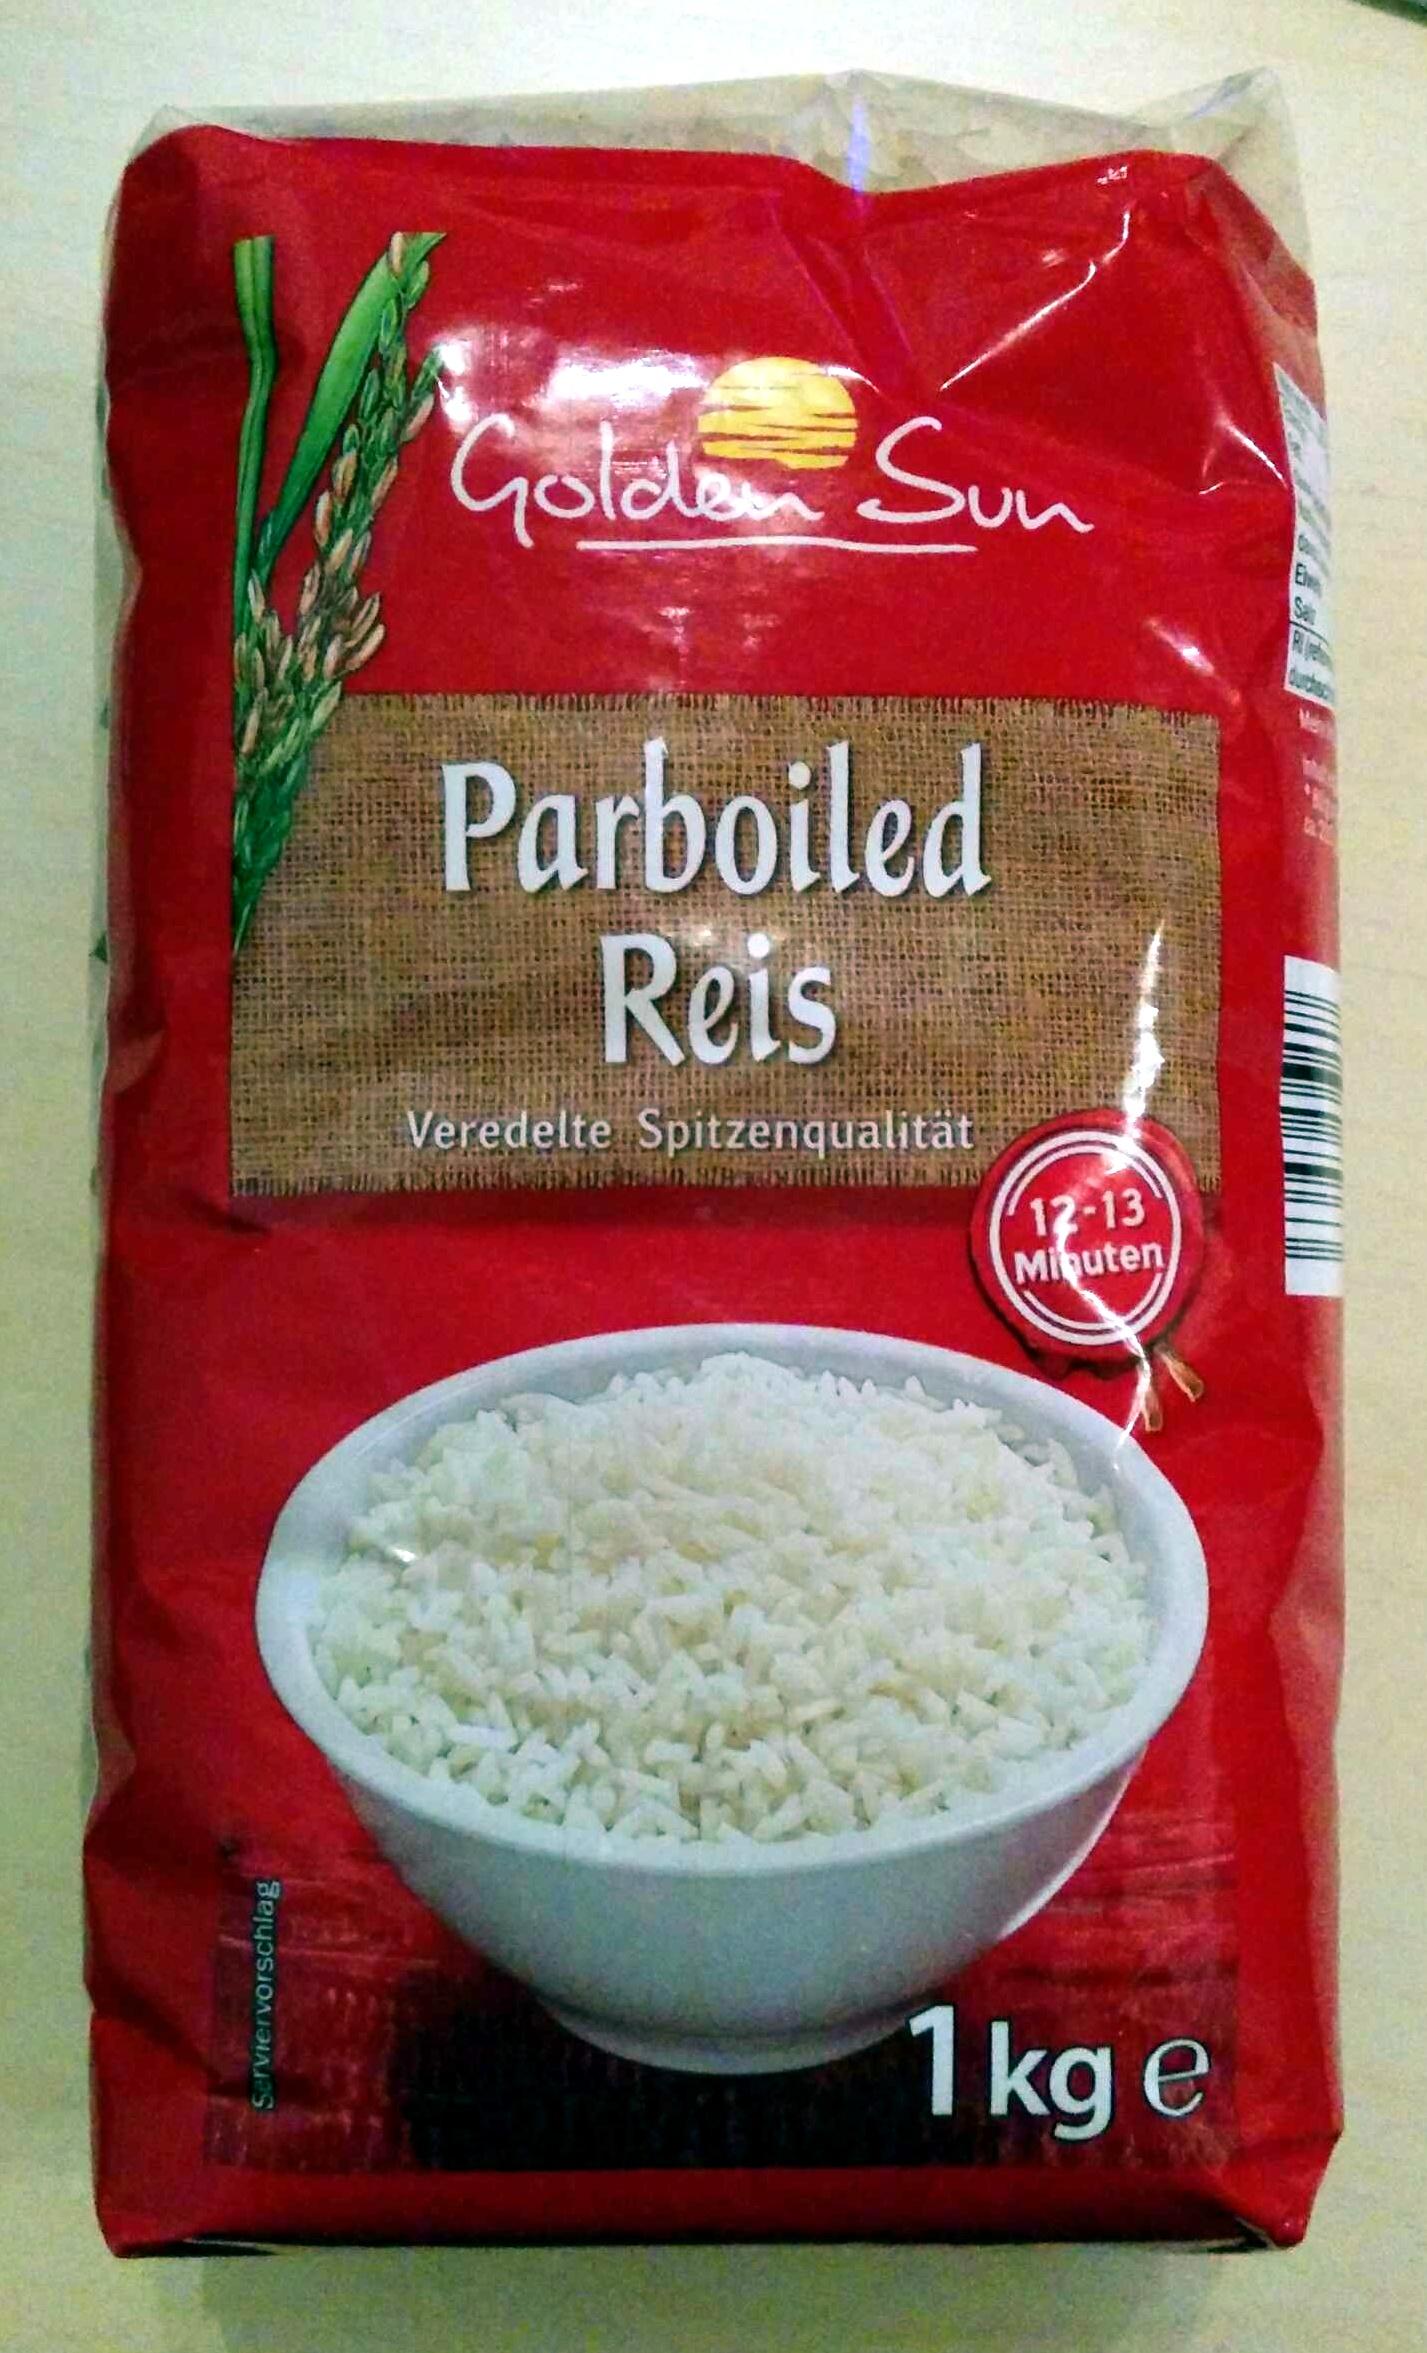 Parboiled Reis Golden Sun 1 Kg